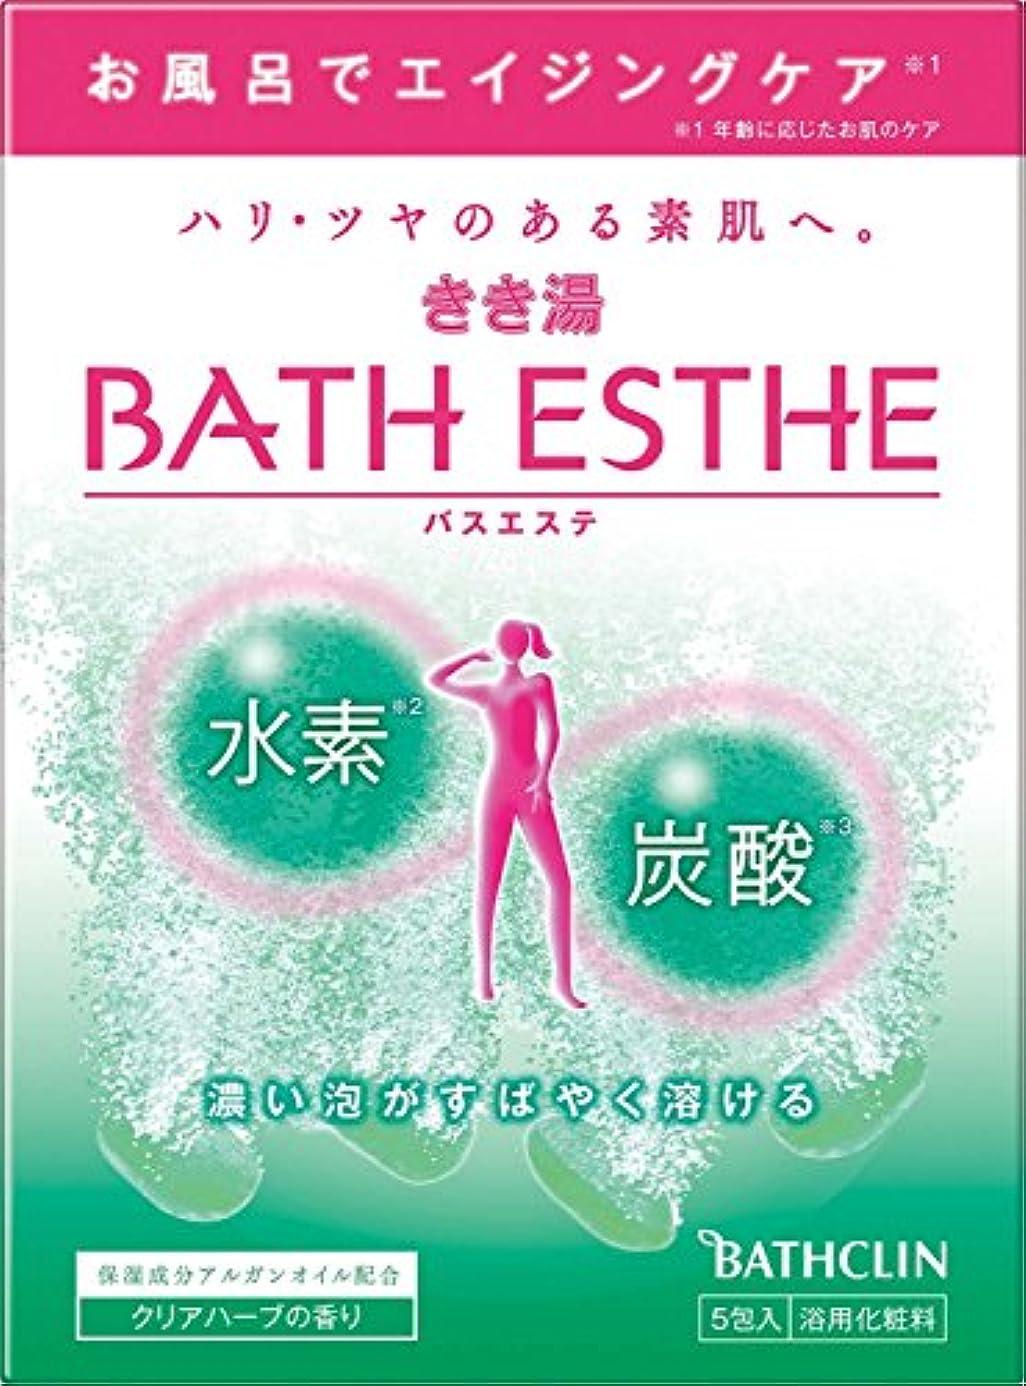 収まる忠実軽量きき湯バスエステ炭酸水素入浴剤 クリアハーブの香り50g×5包入り 入浴剤 発泡タイプ 個包装